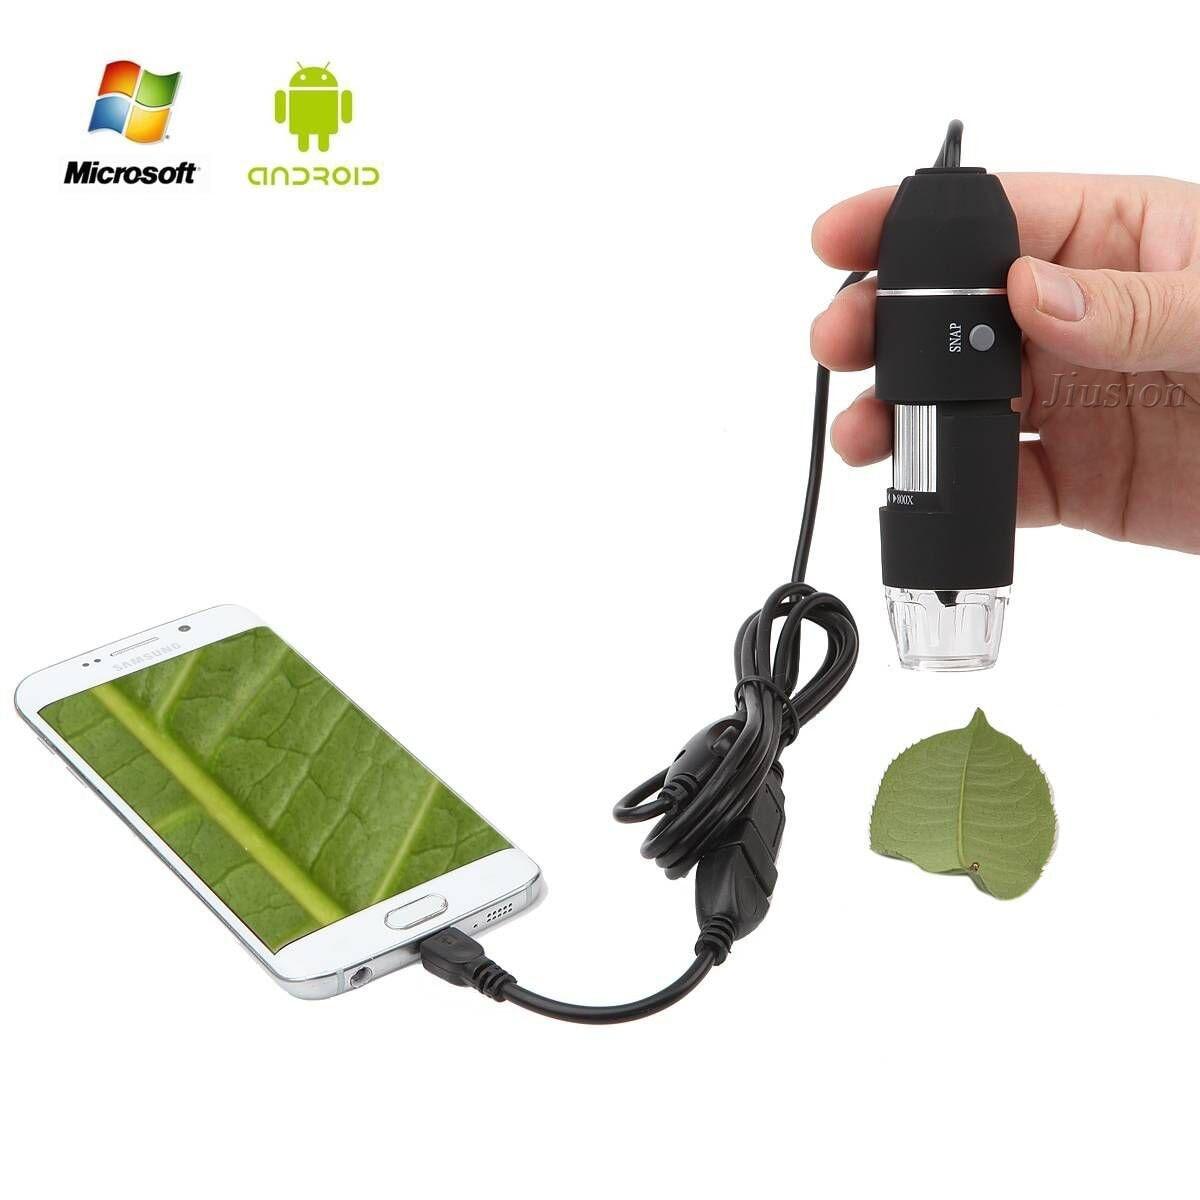 500 800 1000x USB Digital Camera Microscopio Ingrandimento Endoscopio OTG con il Basamento per Samsung Android Windows Mobile Radio